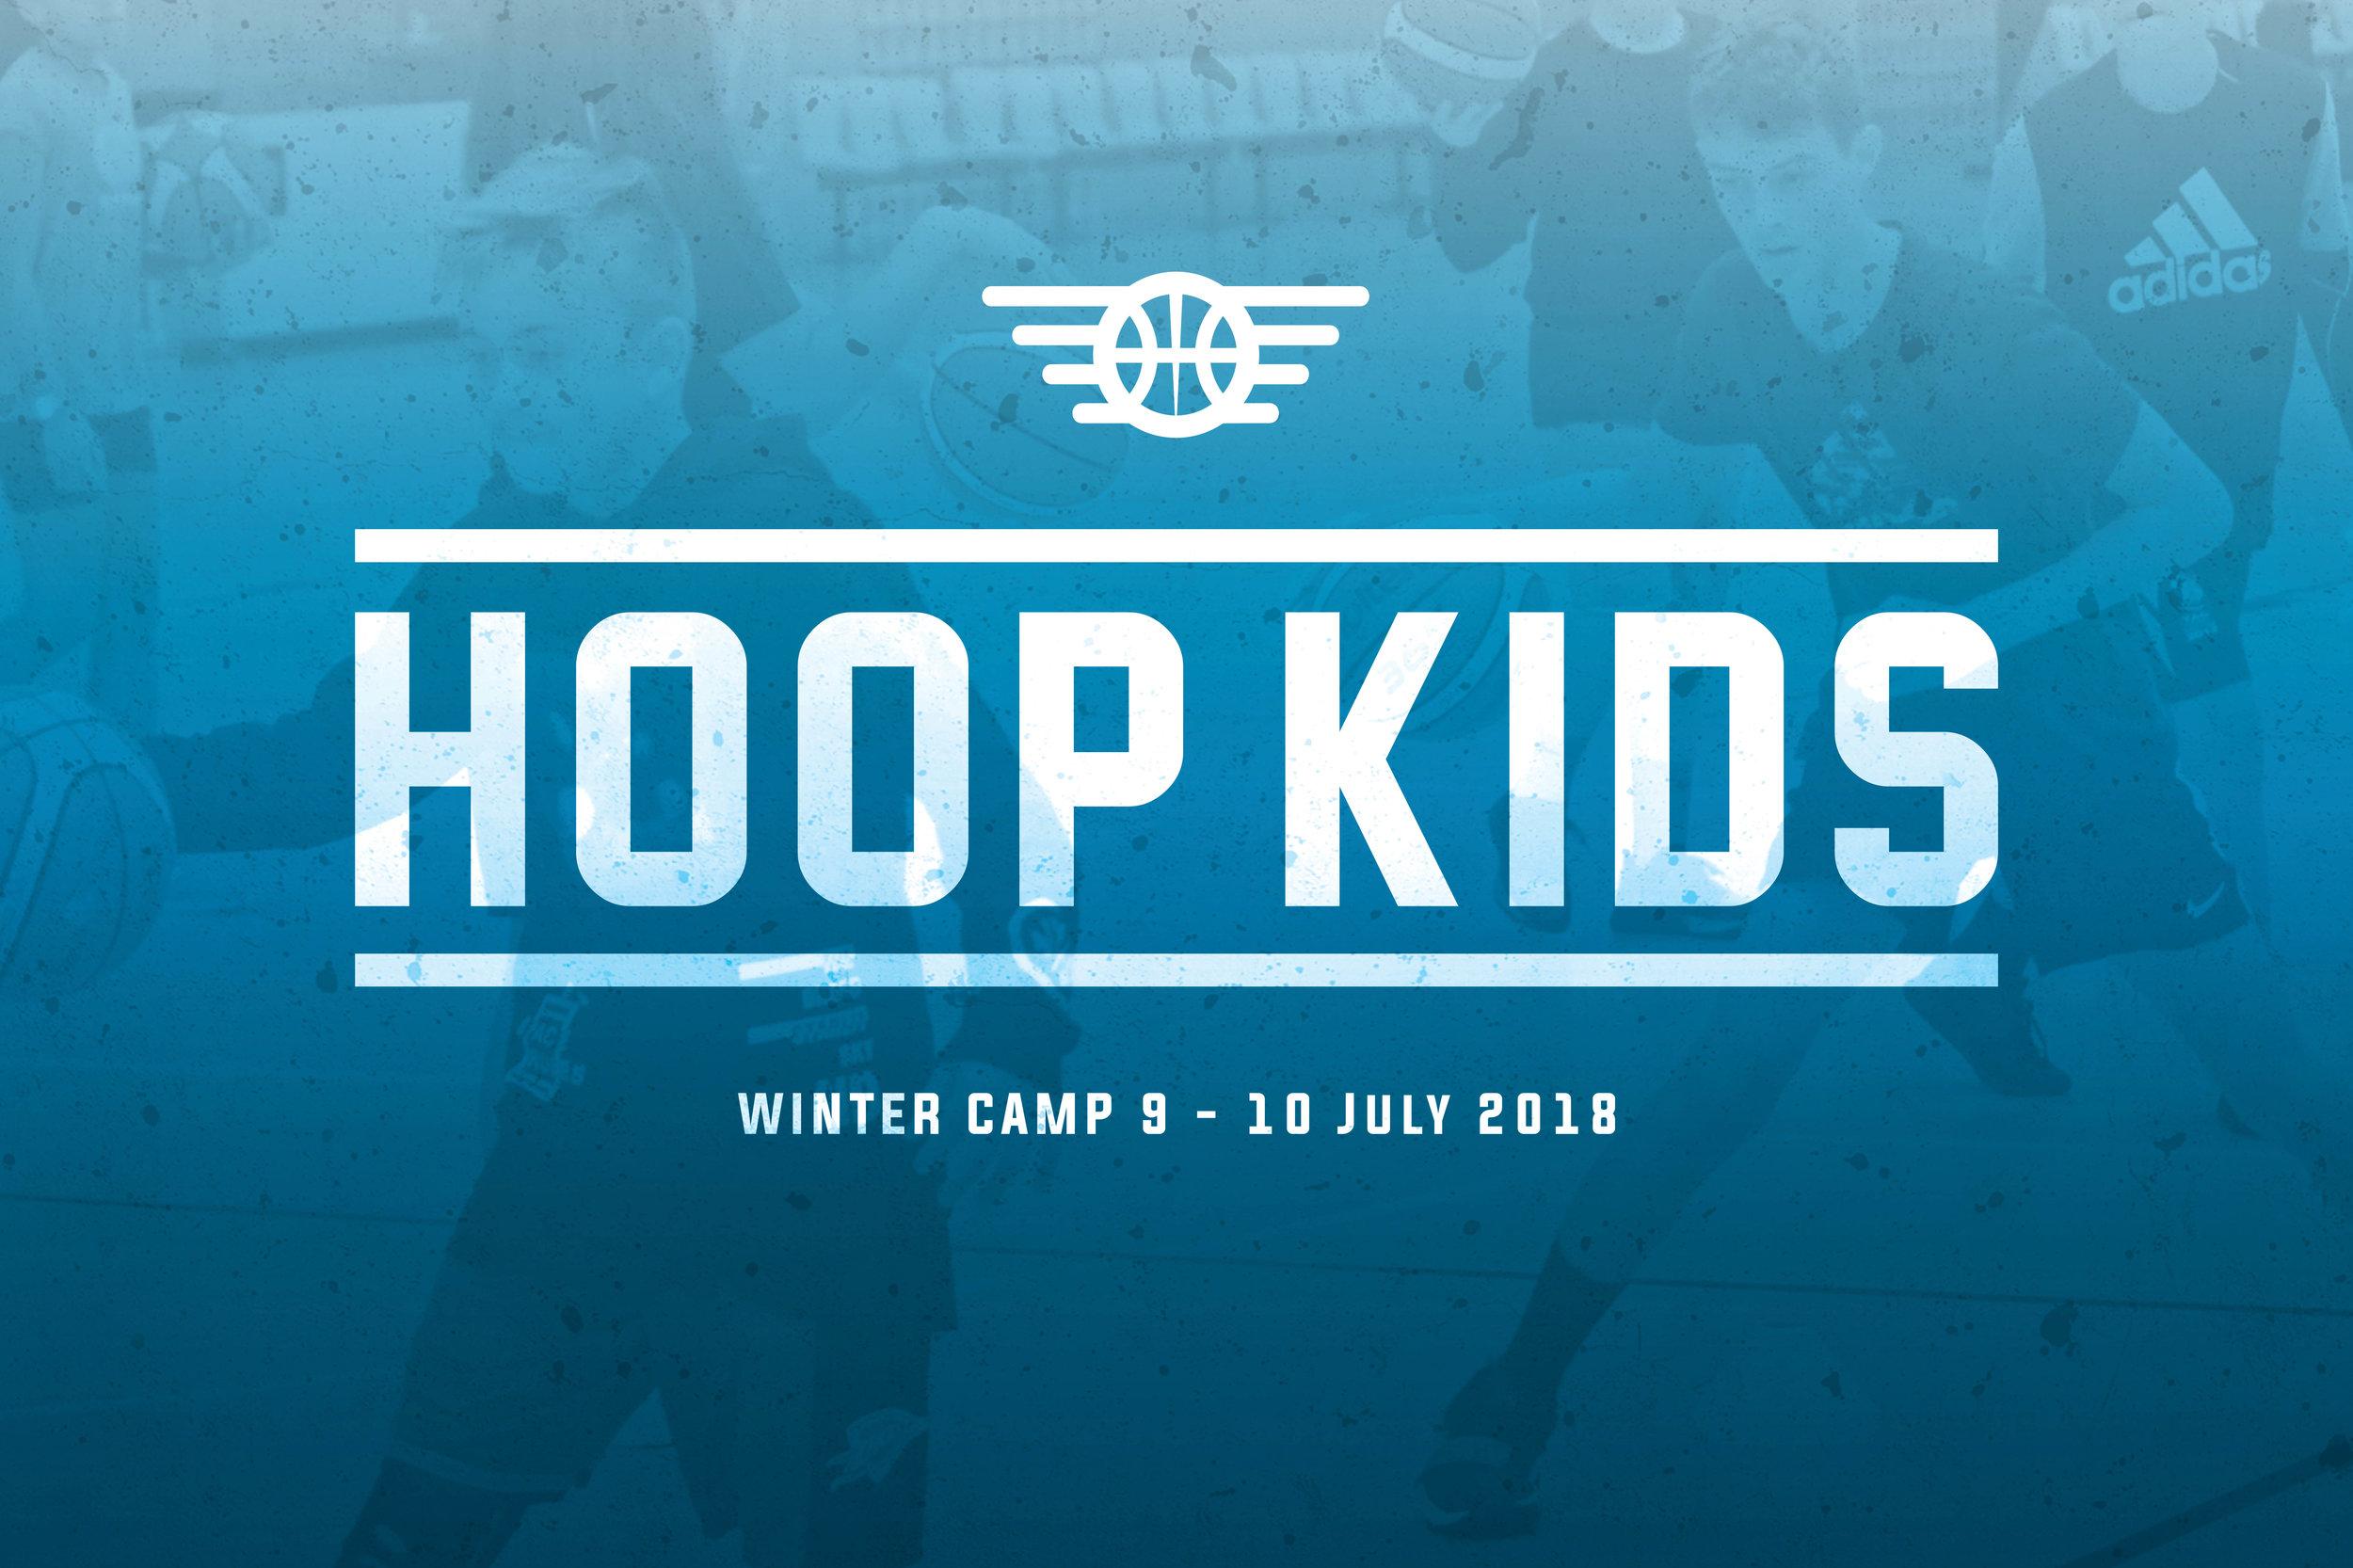 Hoop Kids Winter Camp 2018